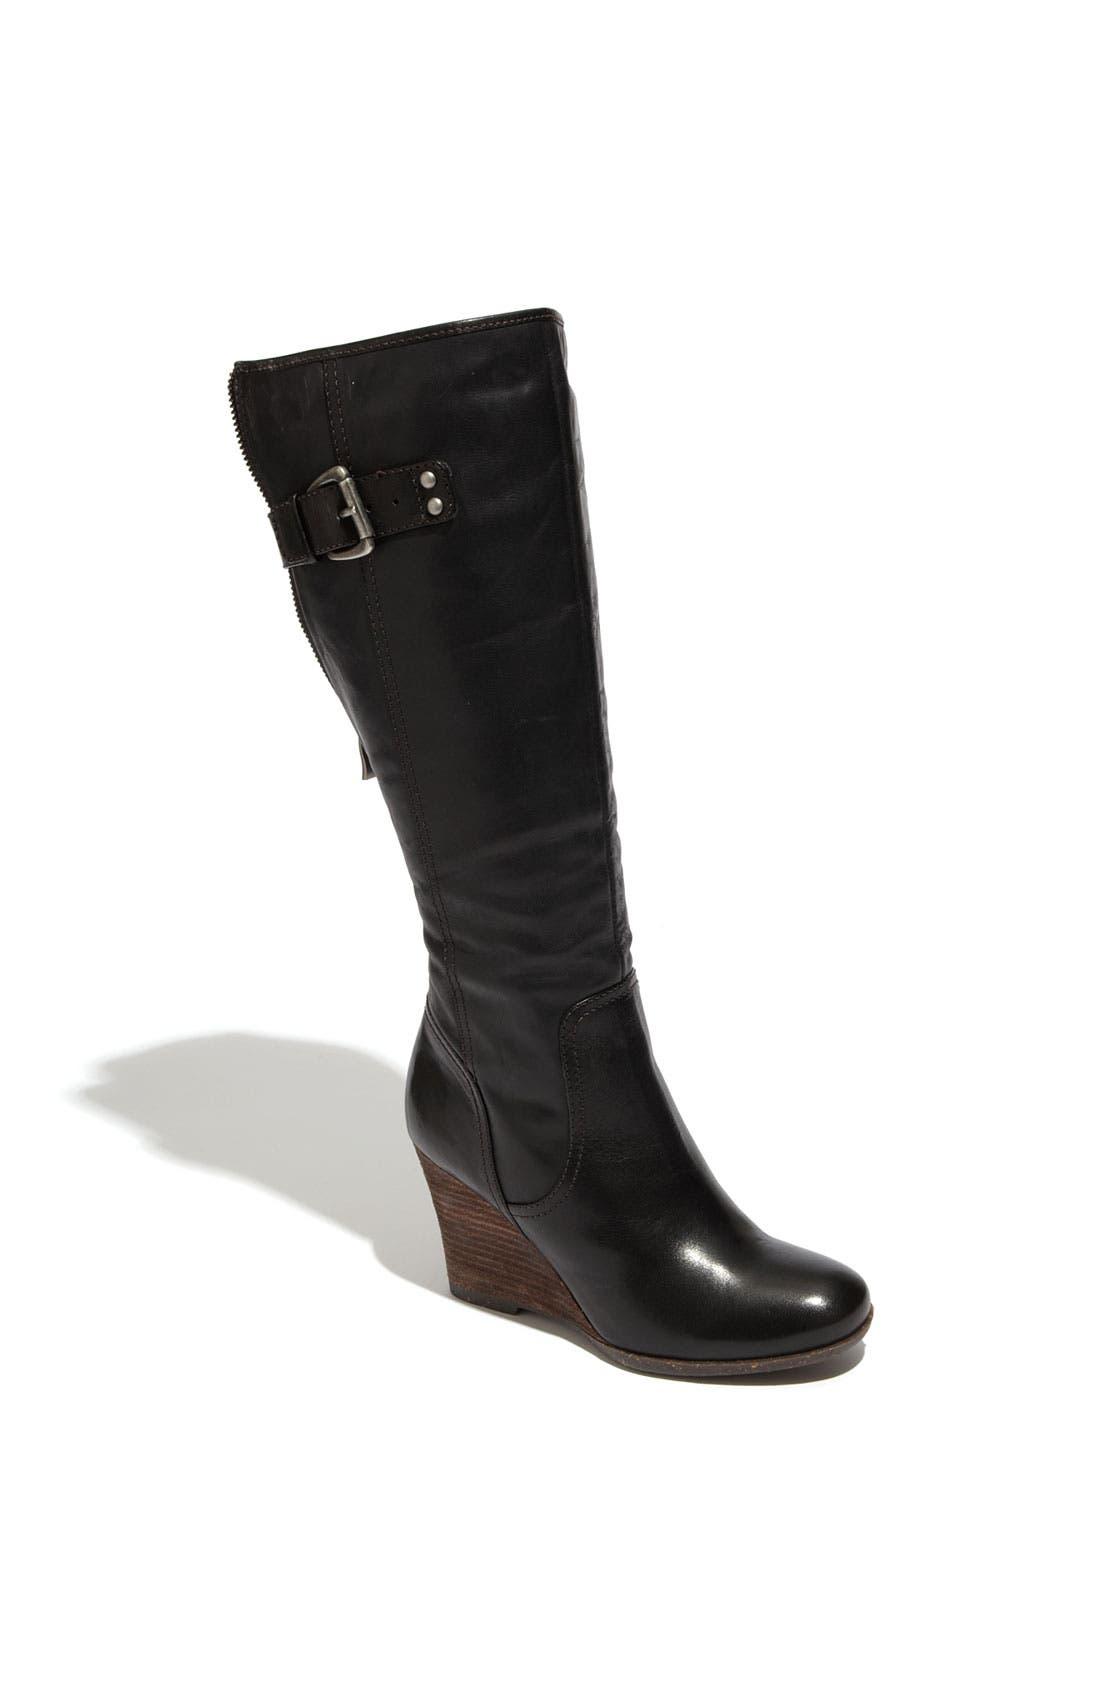 NAYA 'Quail' Boot, Main, color, 001